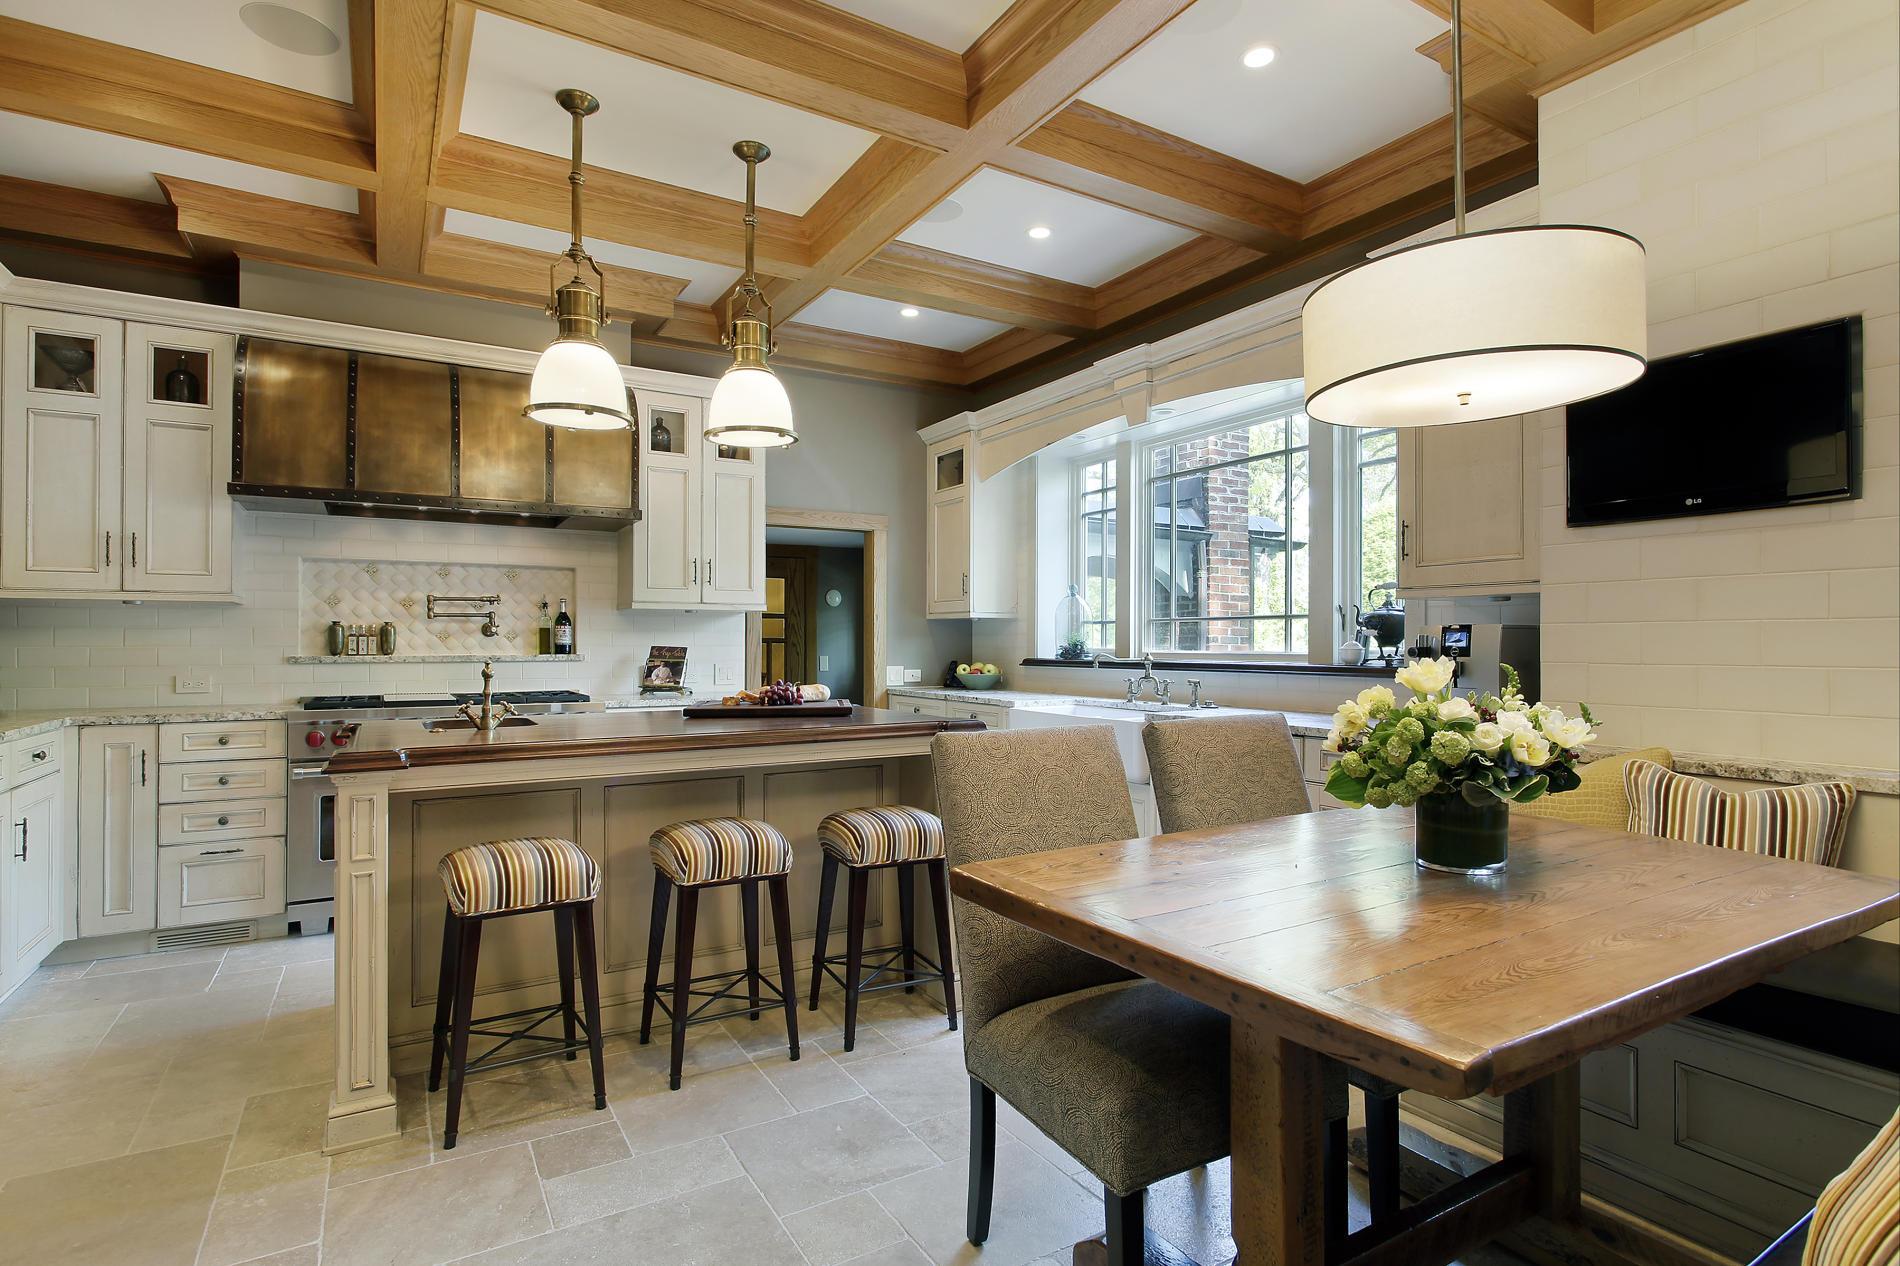 дизайн интерьера загородного дома кухня.jpg